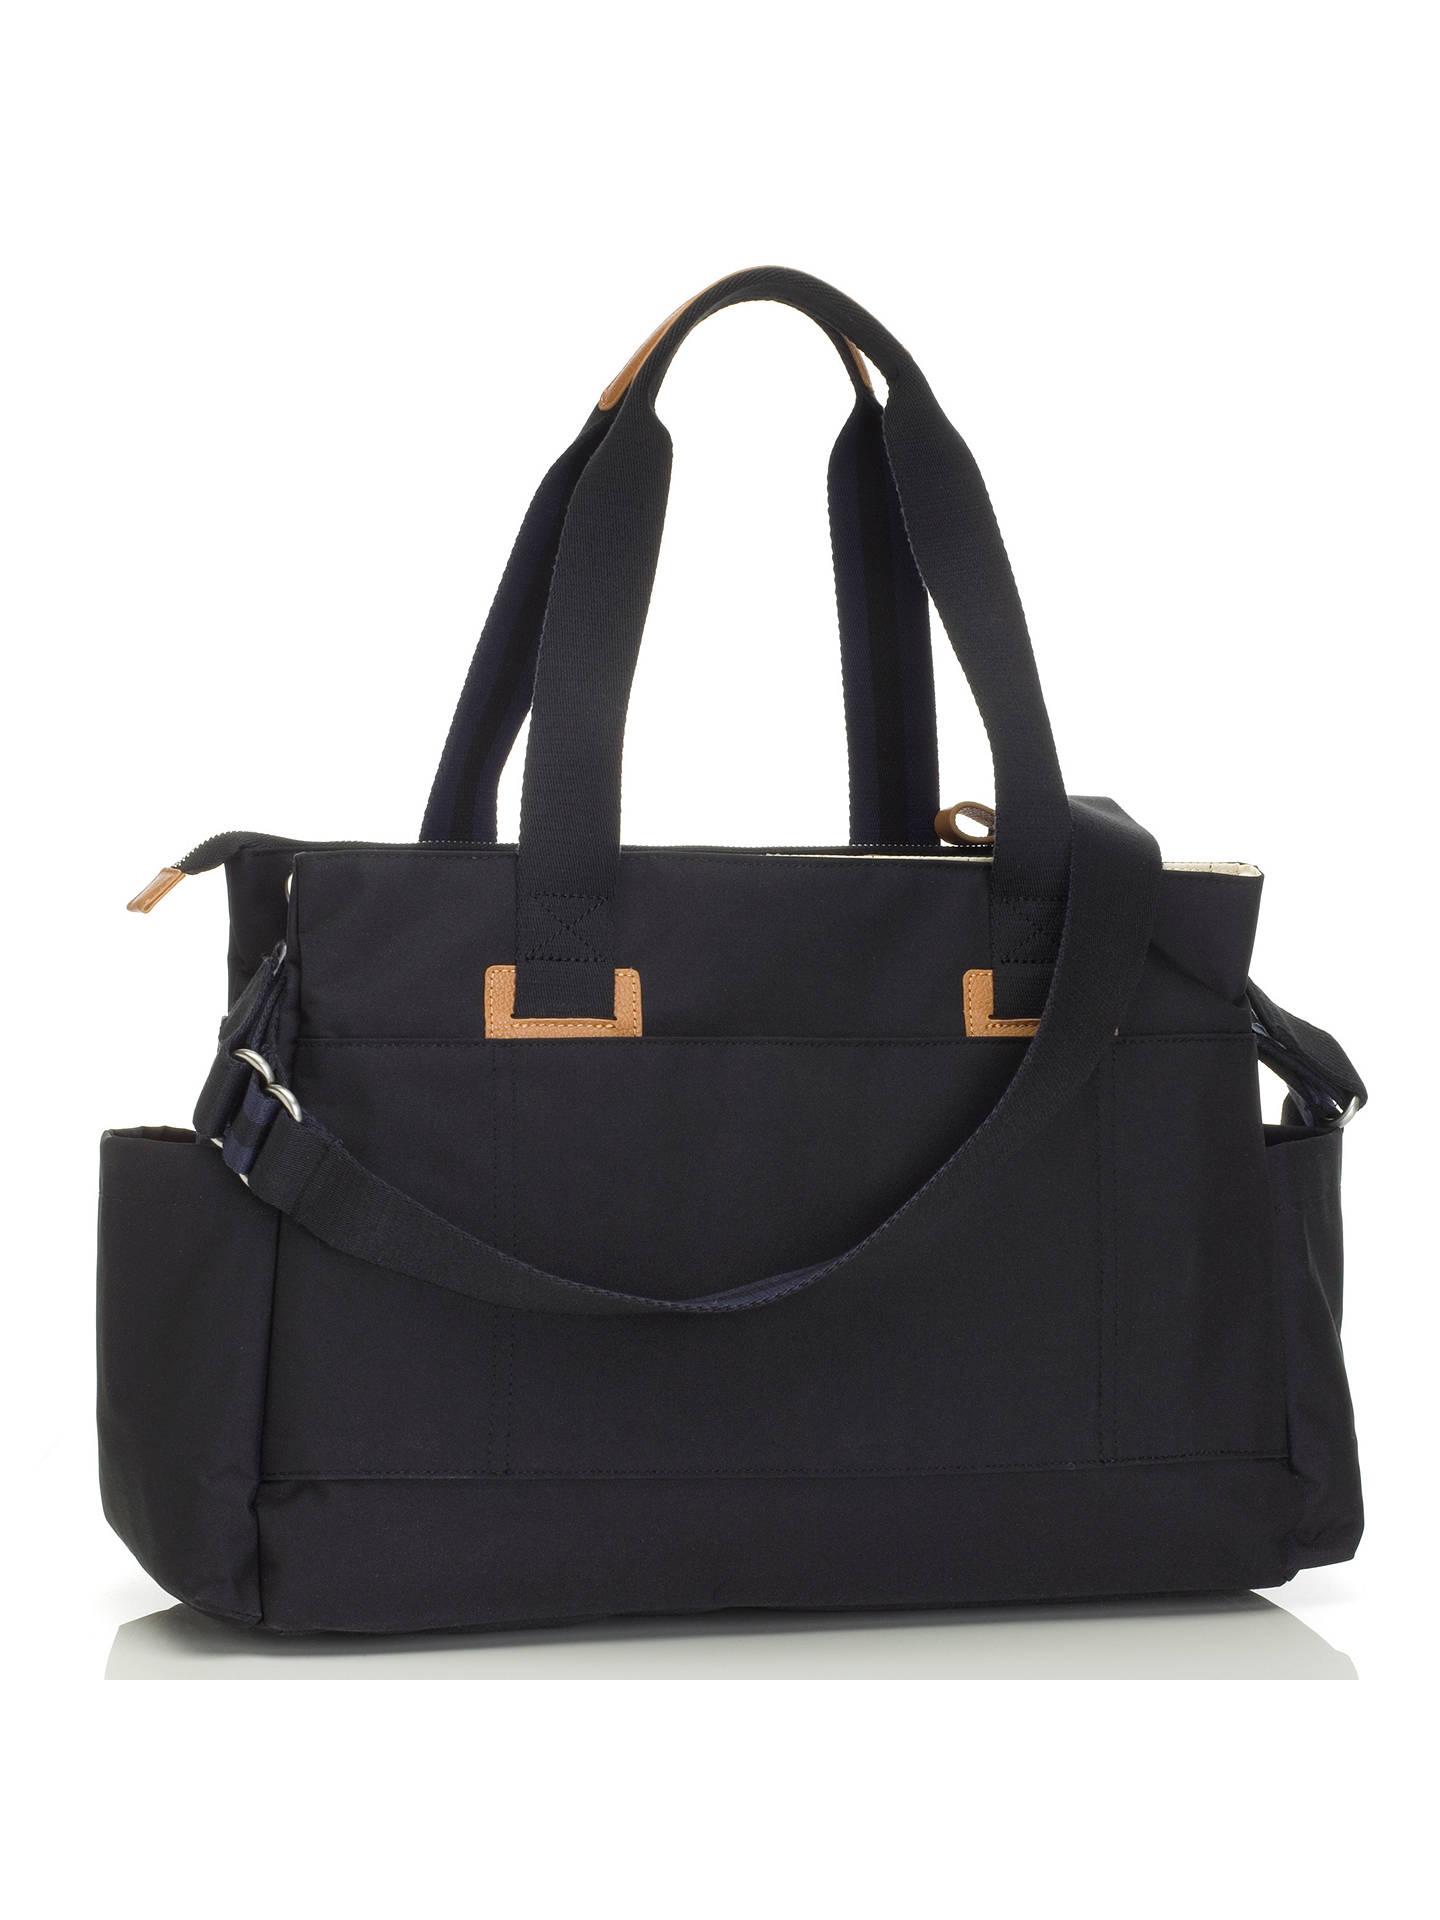 50583e20d74f Storksak Travel Shoulder Changing Bag at John Lewis   Partners